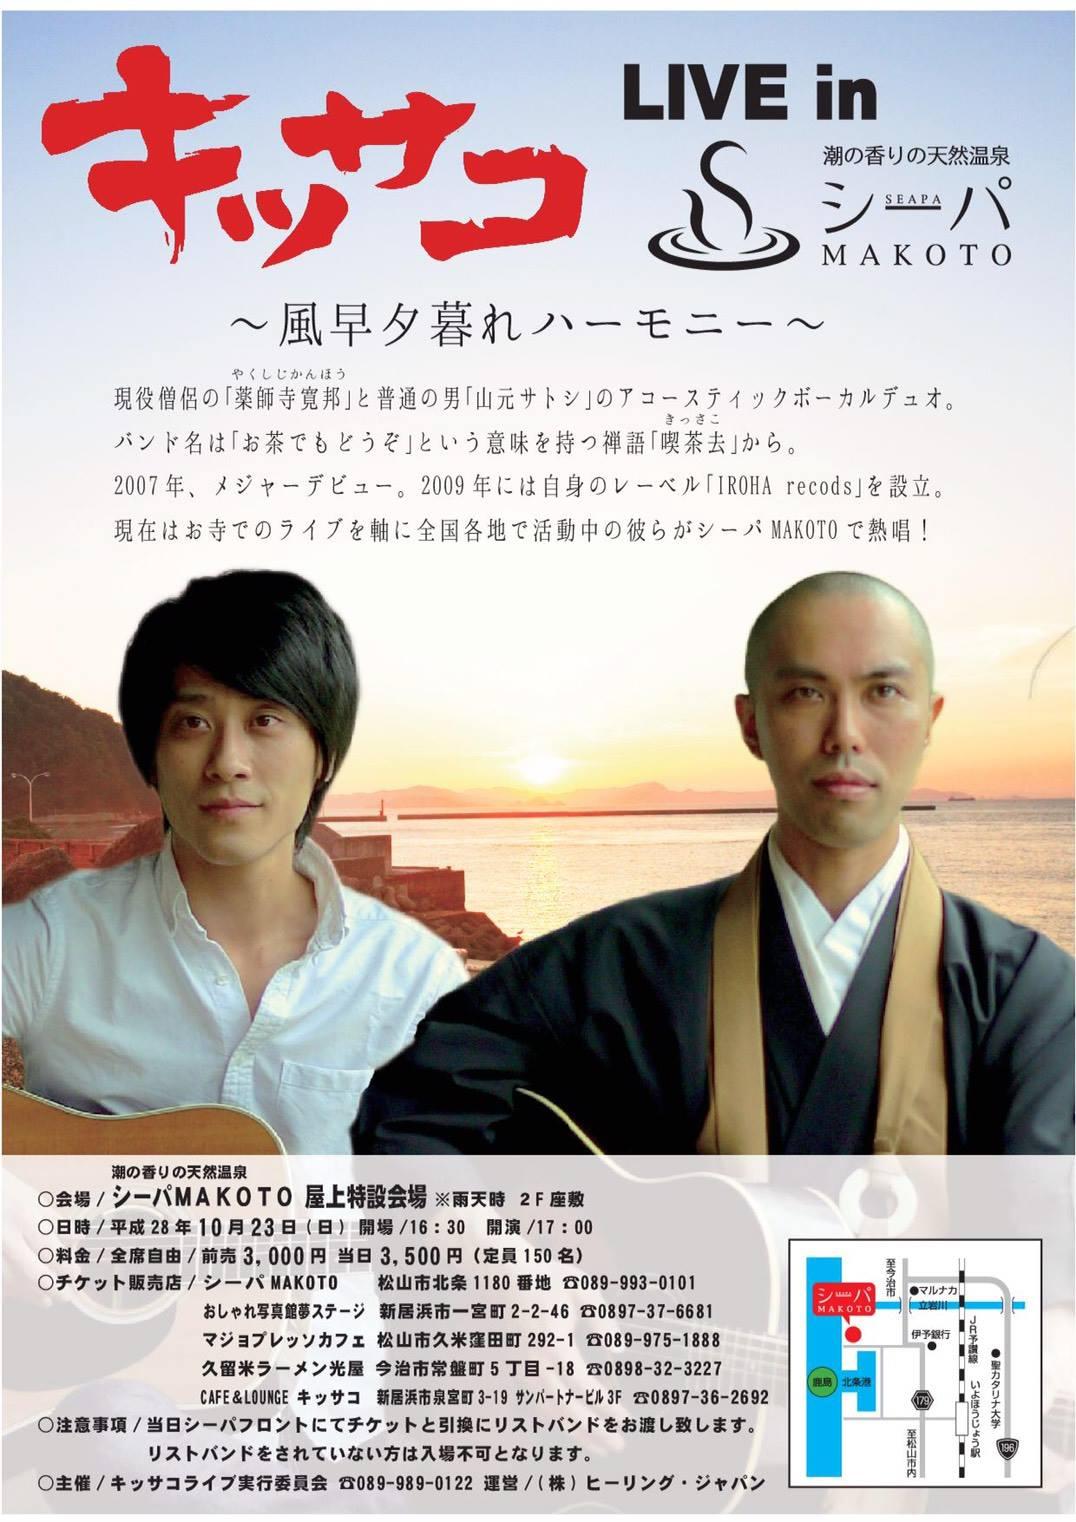 10/23(日)【愛媛】キッサコ LIVE in シーパMAKOTO~風早夕暮れハーモニー